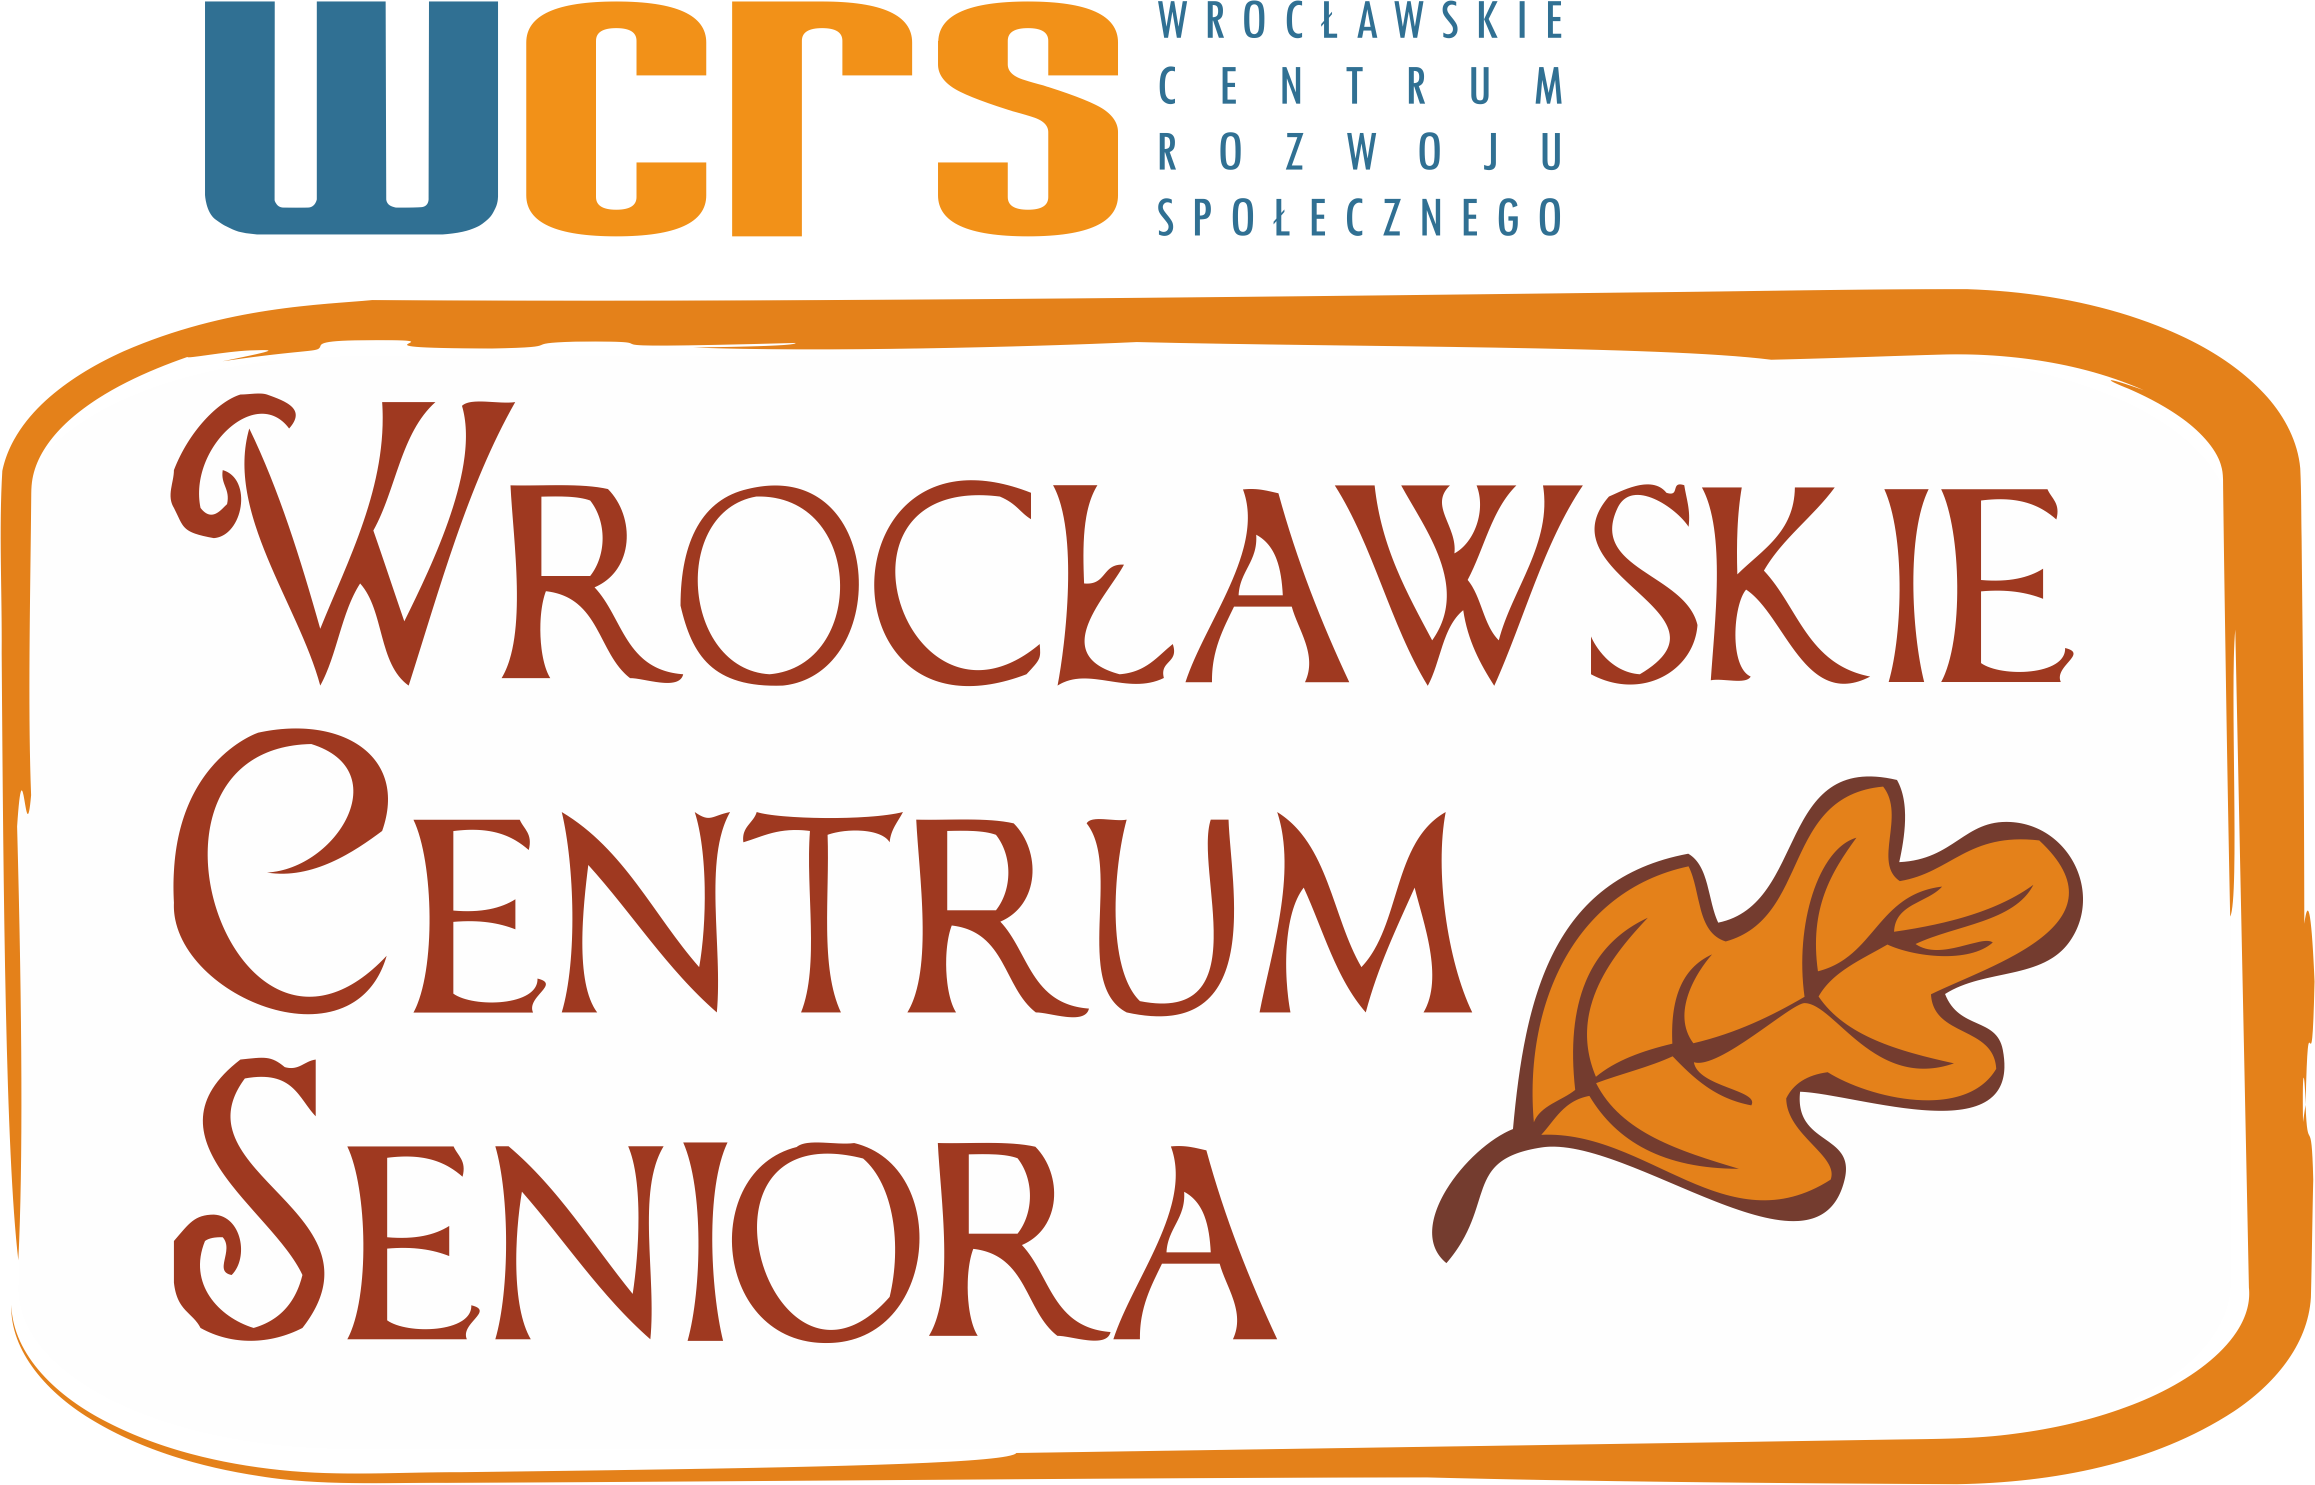 Zdjęcie przedstawia logo Wrocławskiego Centrum Seniora